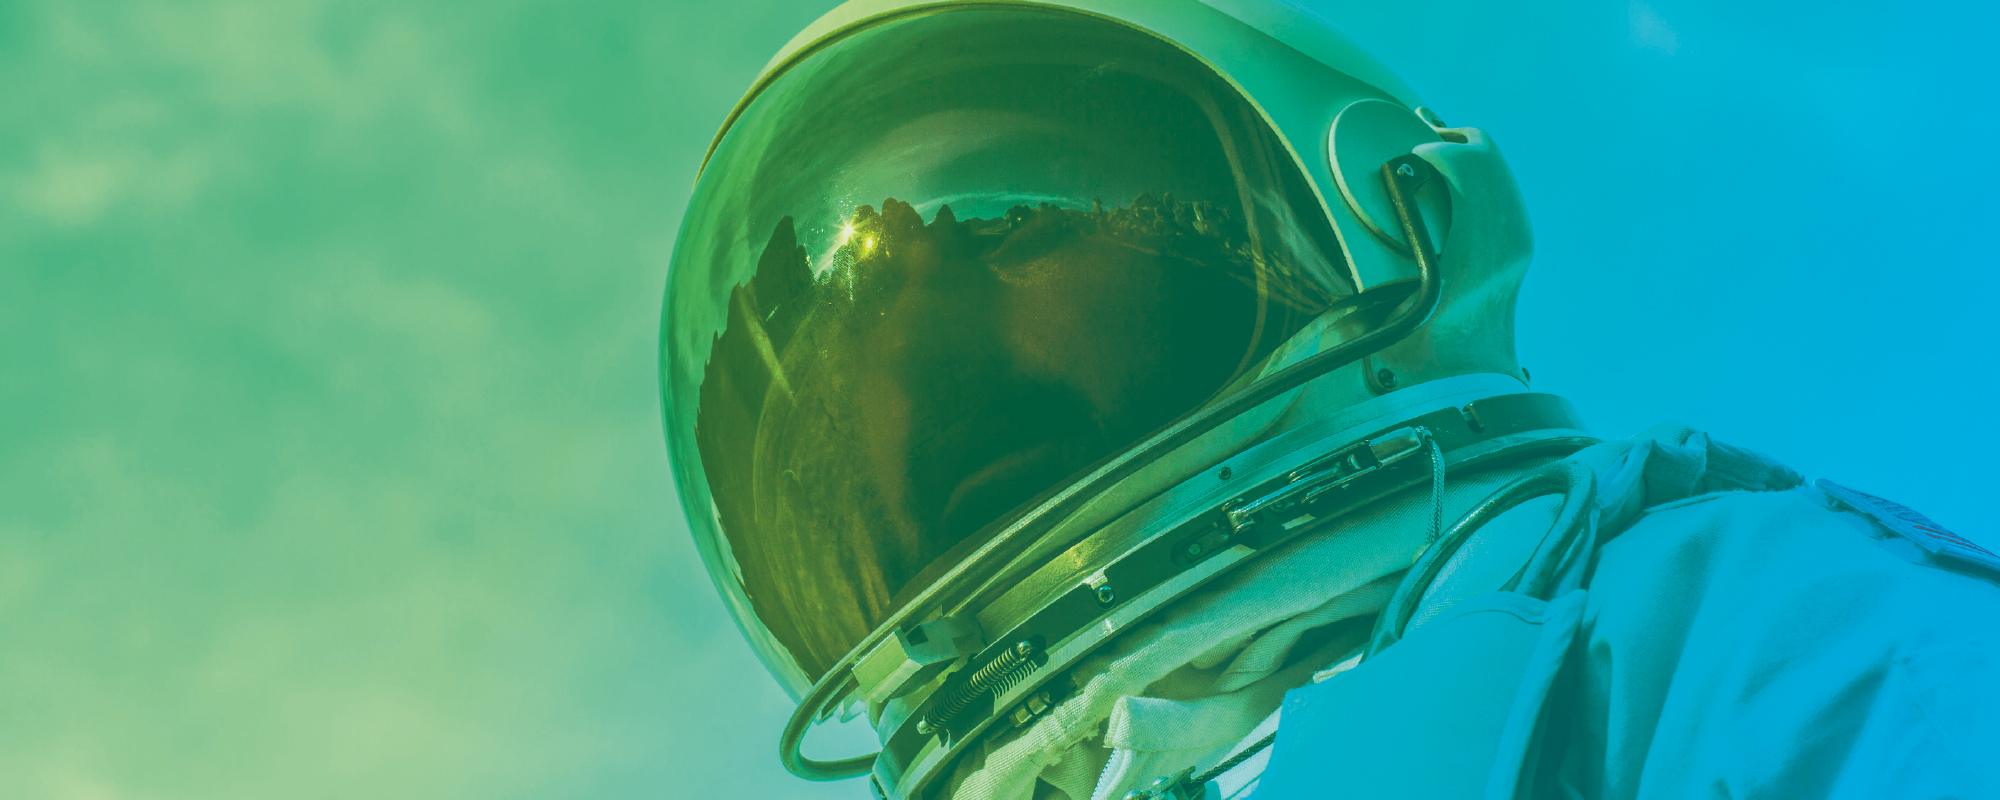 Illustratief beeld voor ICT en cloud provider (foto astronaut)